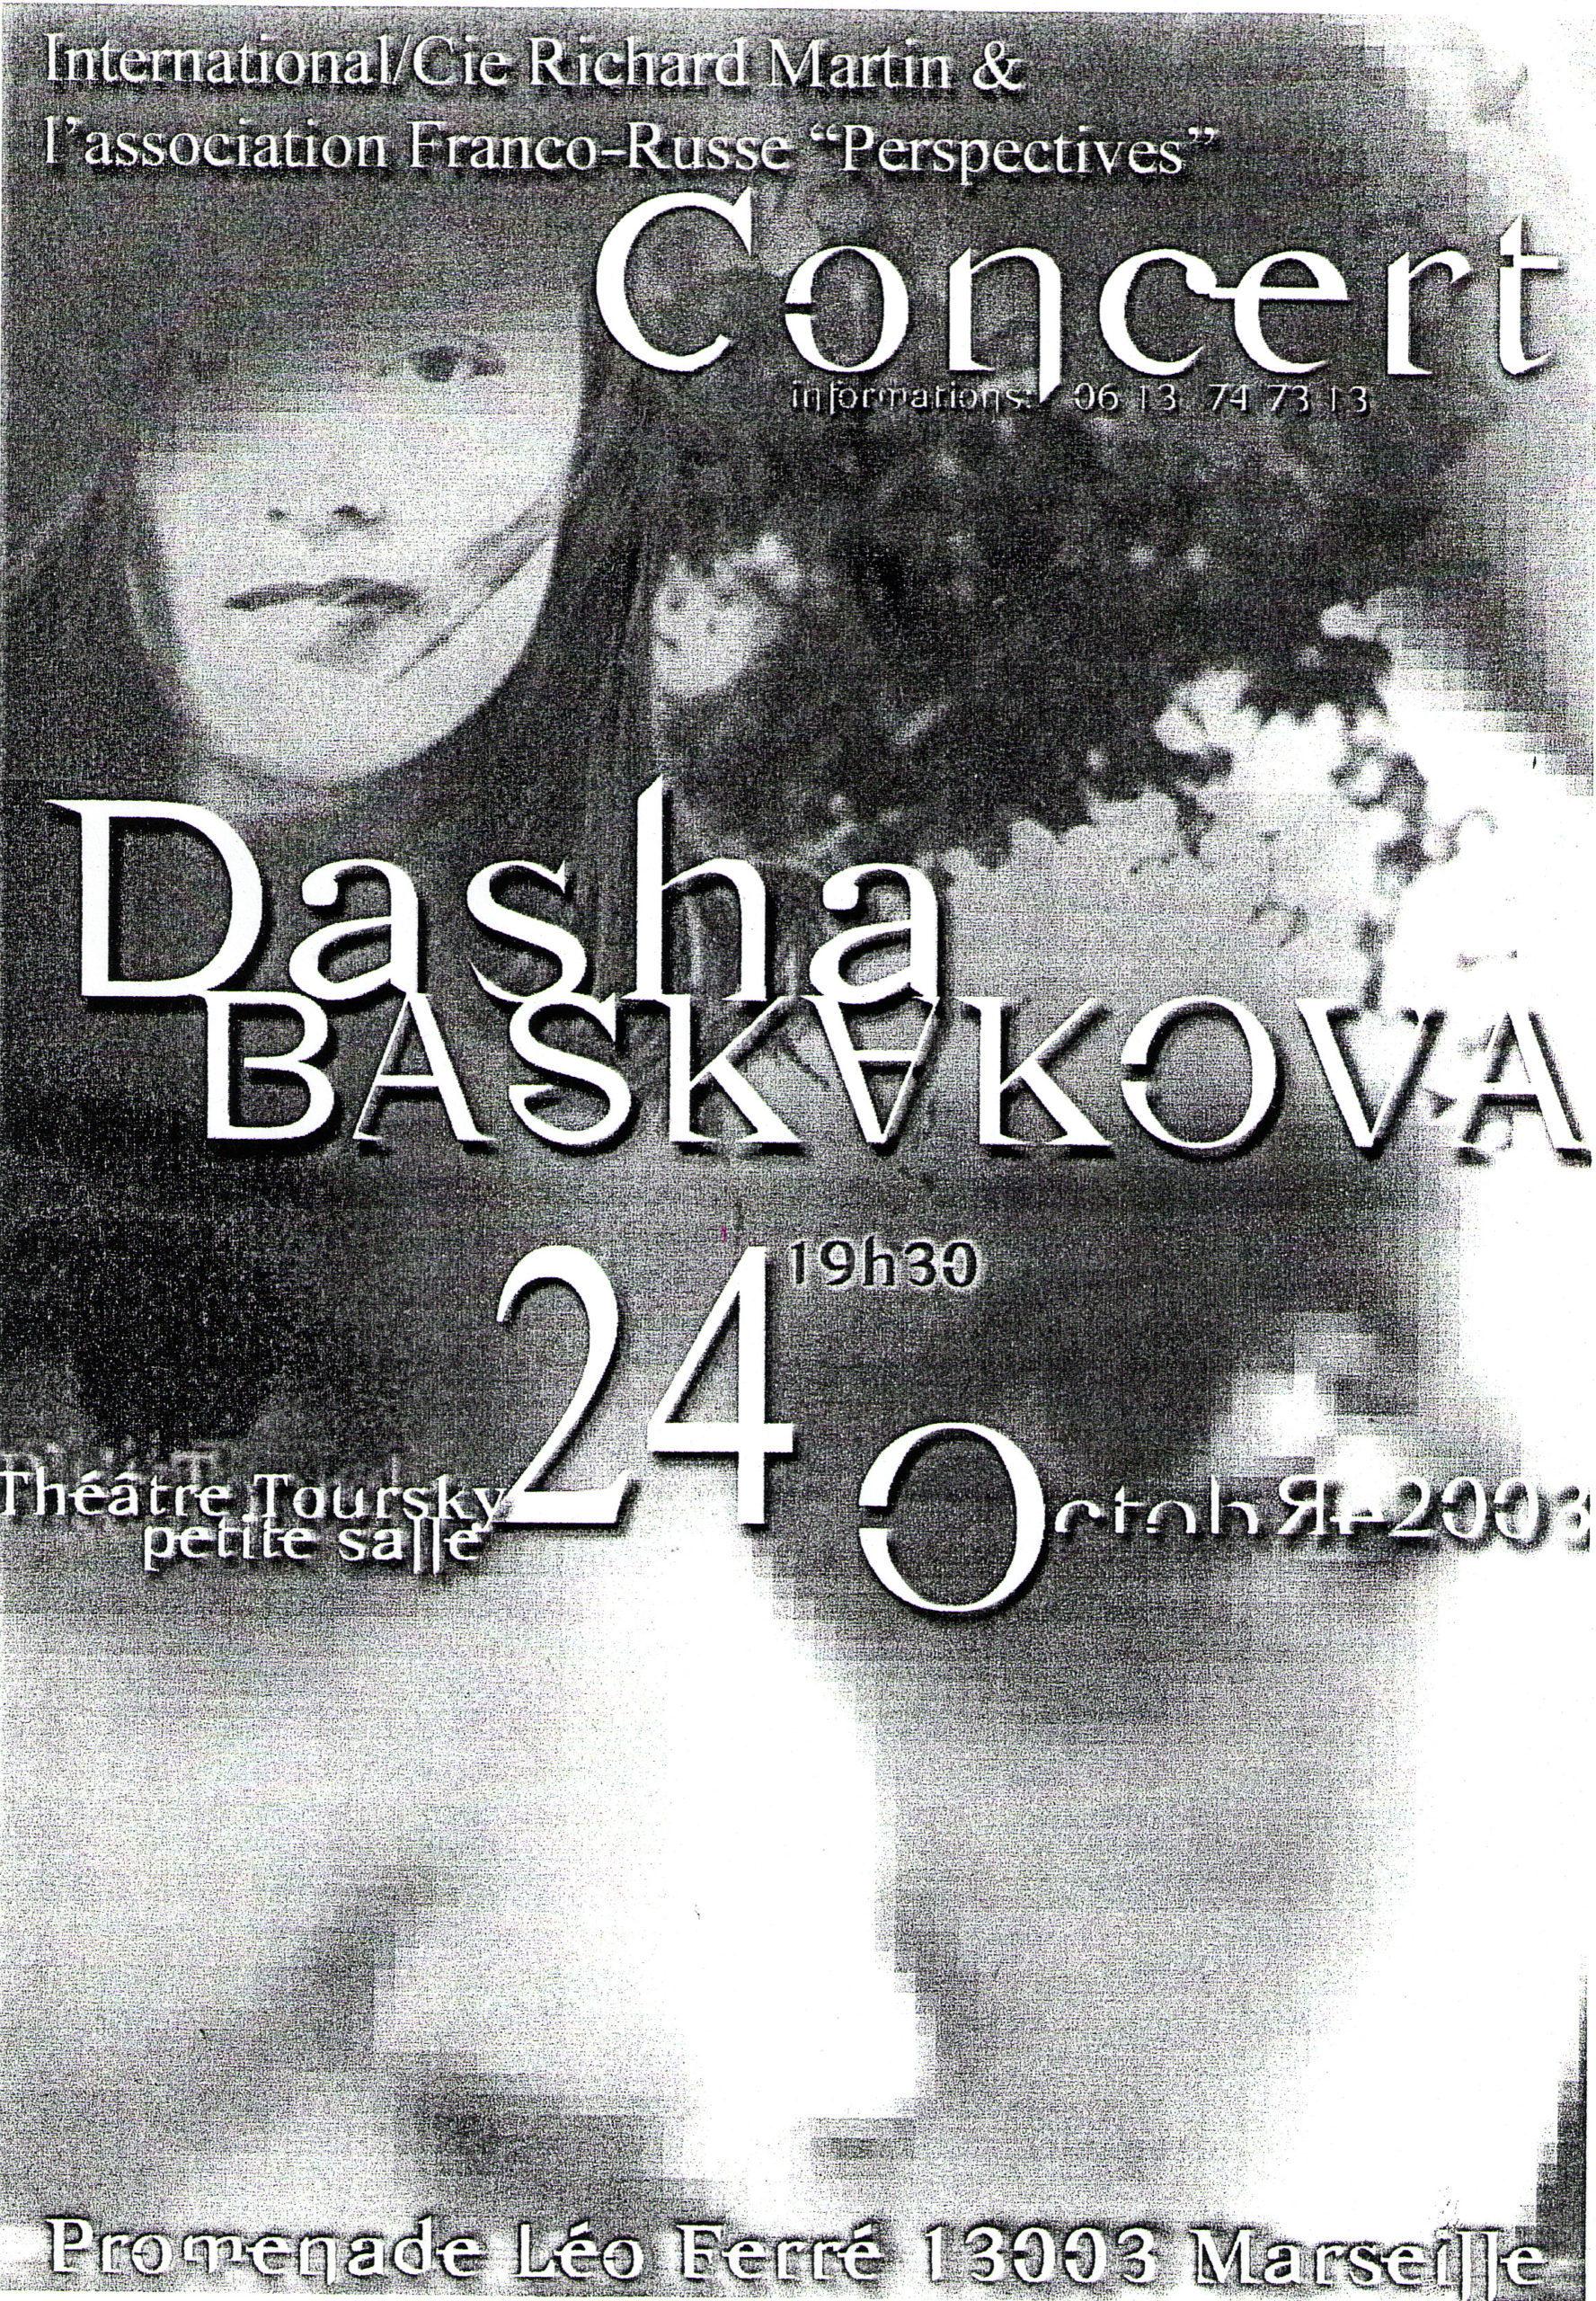 Le 24 octobre 2003, dans la petite salle du théâtre Toursky ( à Marseille ) un concert de la chanteuse et compositeur Dasha Baskakova